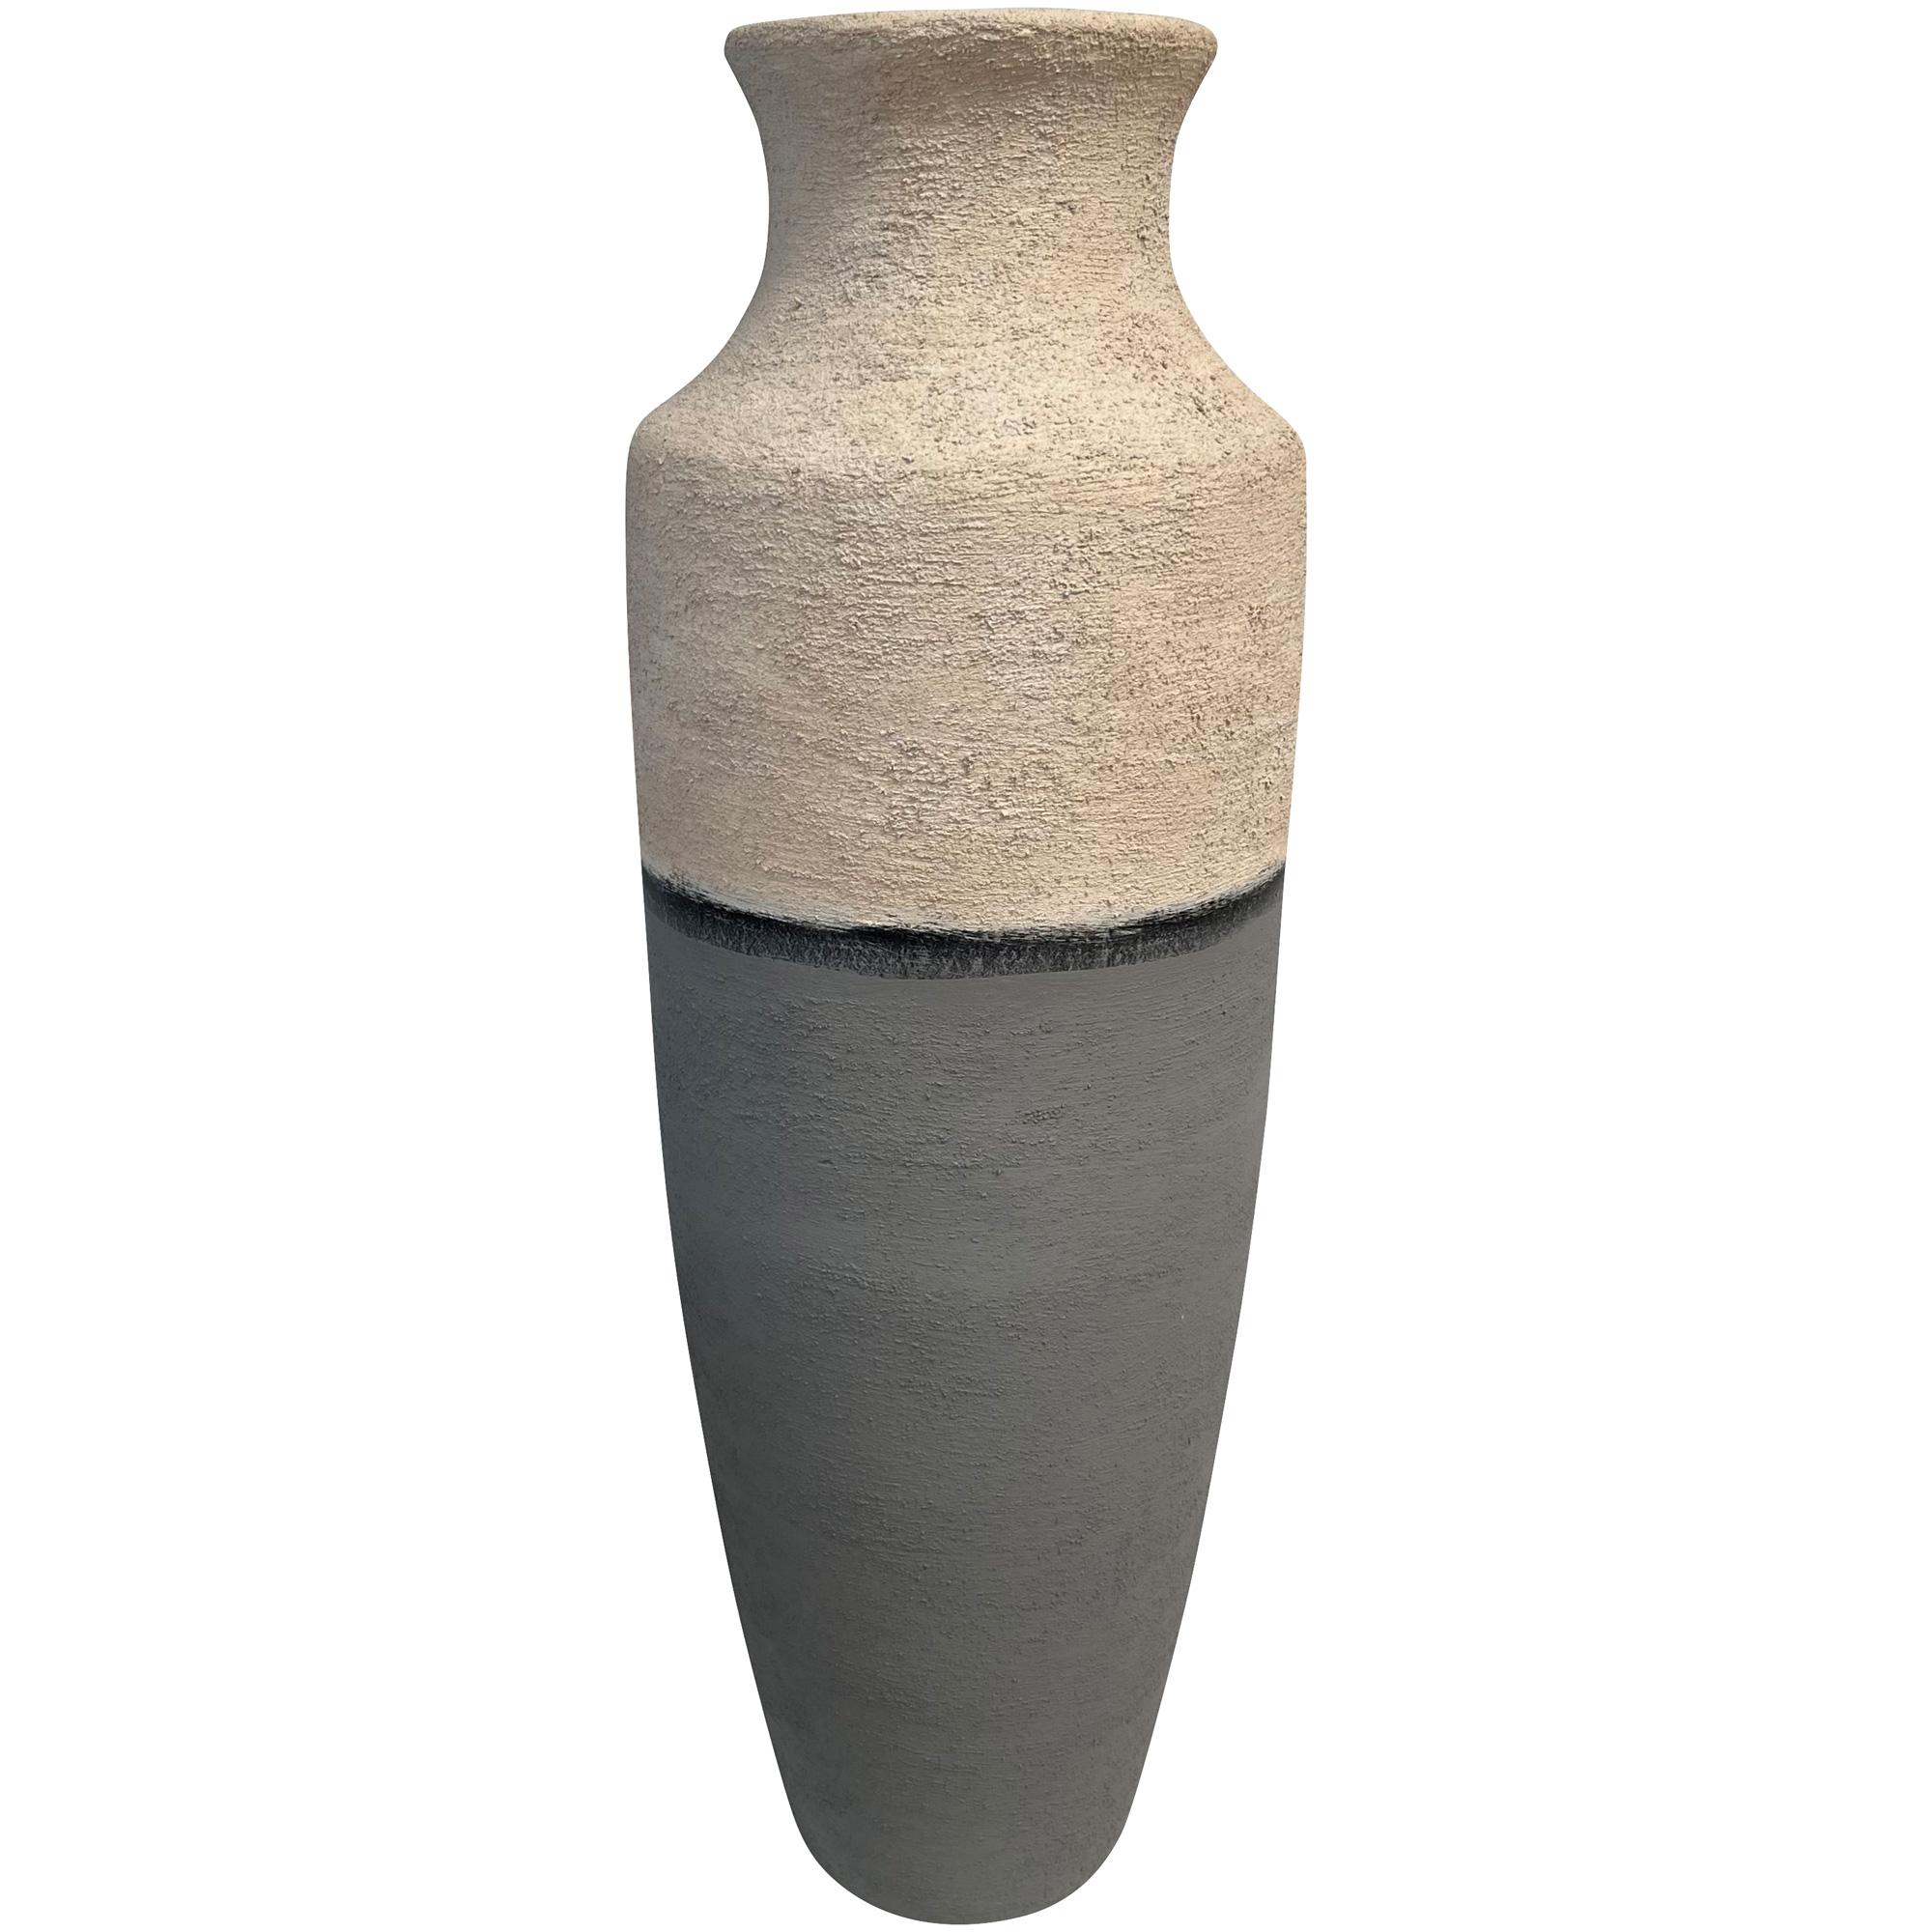 Promart | Terracotta Jarron Prinola White Textured Medium Floor Vase